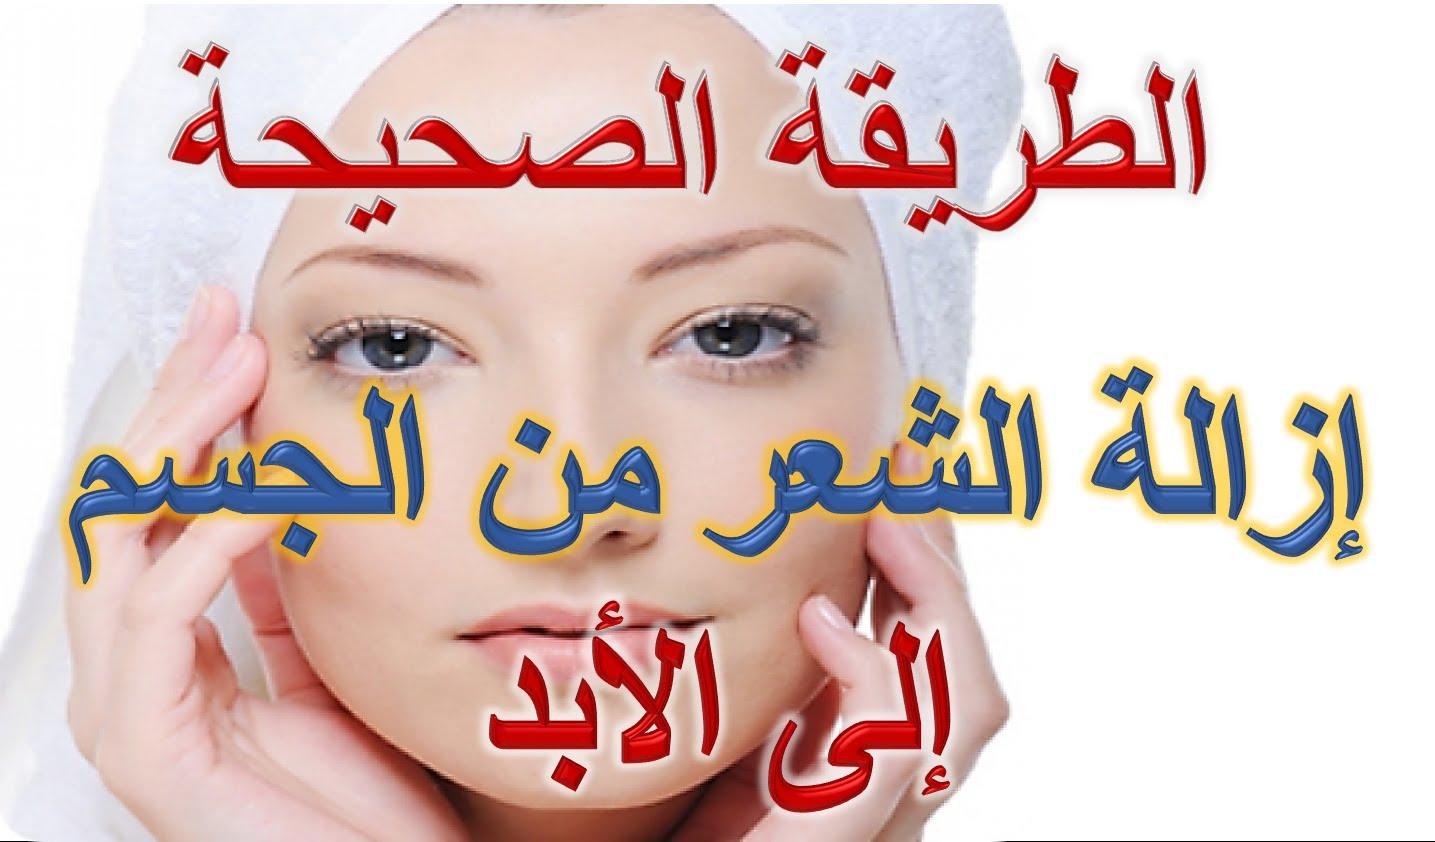 صوره التخلص من الشعر الزائد , طرق التخلص من شعر الجسم نهائيا